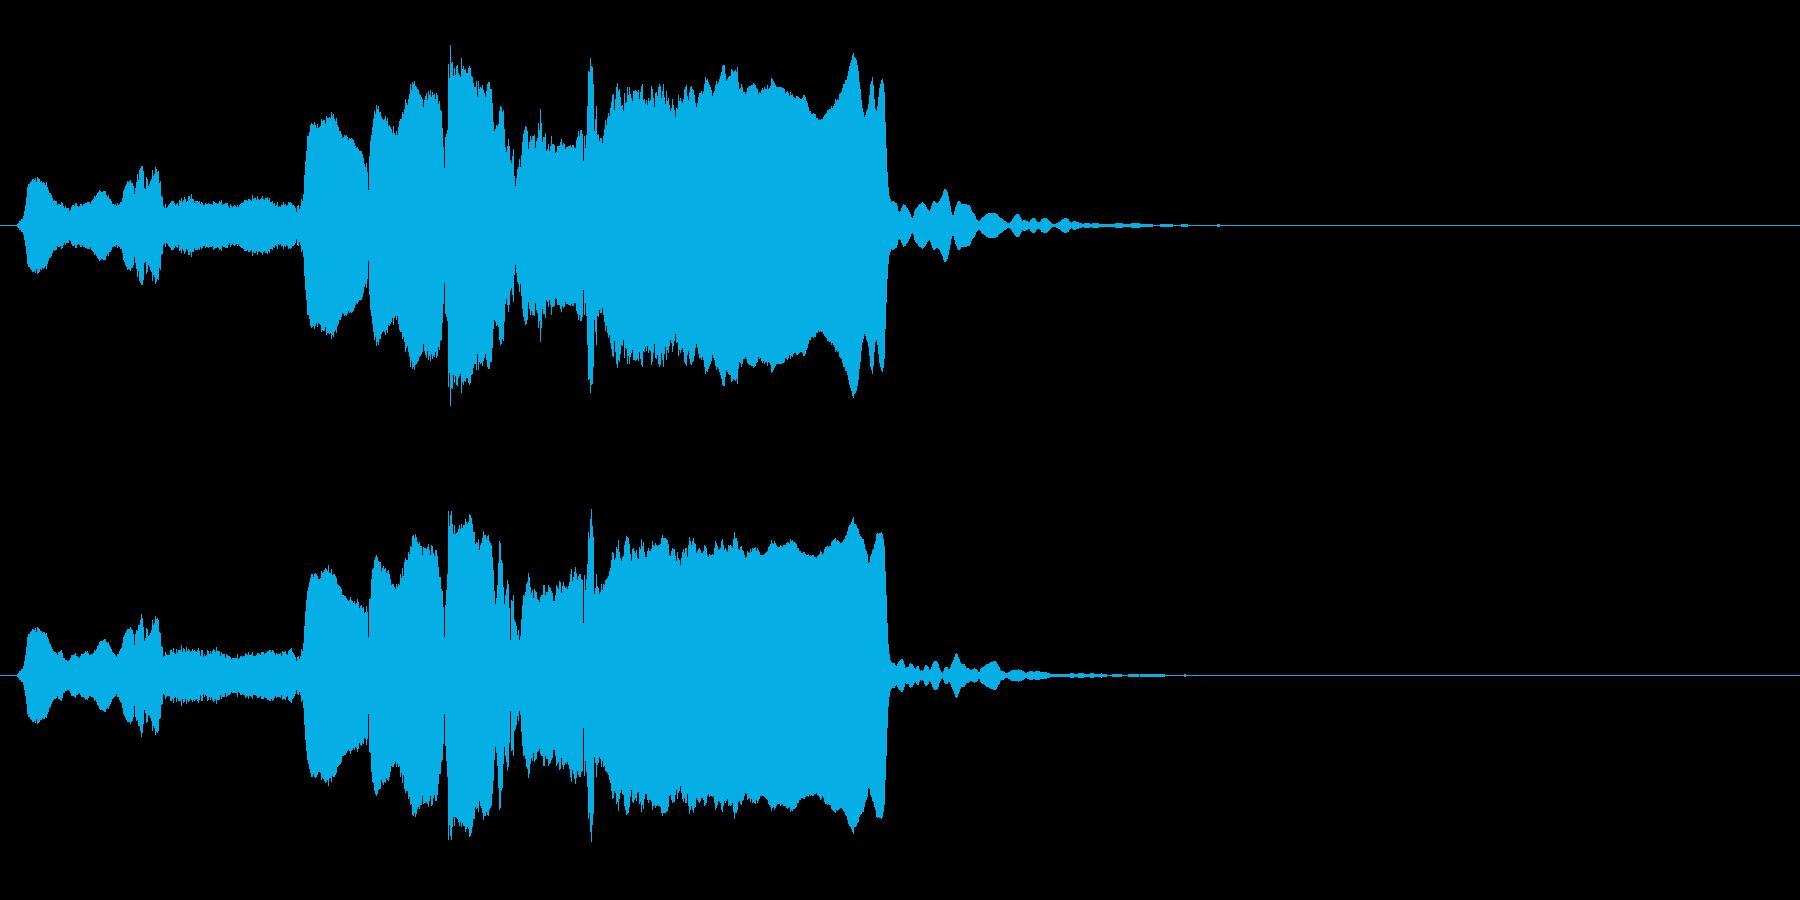 はじまり(遅め)◆篠笛生演奏の和風効果音の再生済みの波形